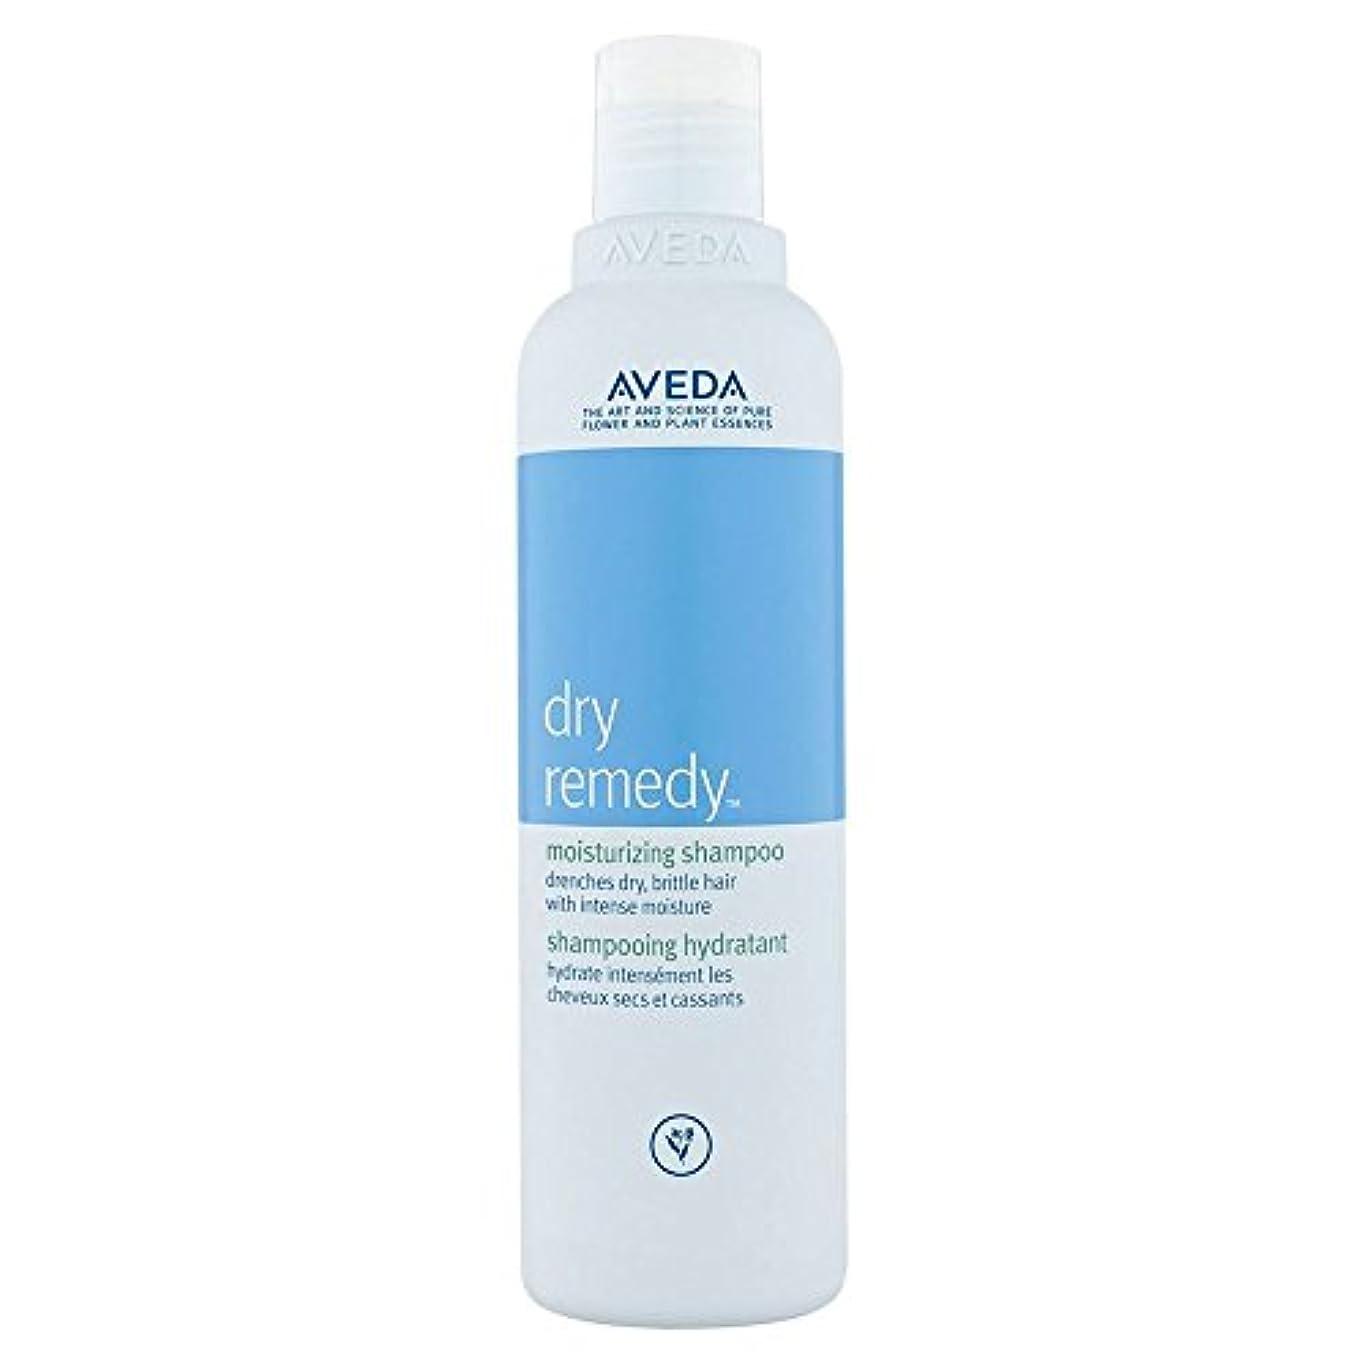 着替える植物のずんぐりした[AVEDA] アヴェダドライ救済保湿シャンプー250Ml - Aveda Dry Remedy Moisturizing Shampoo 250ml [並行輸入品]